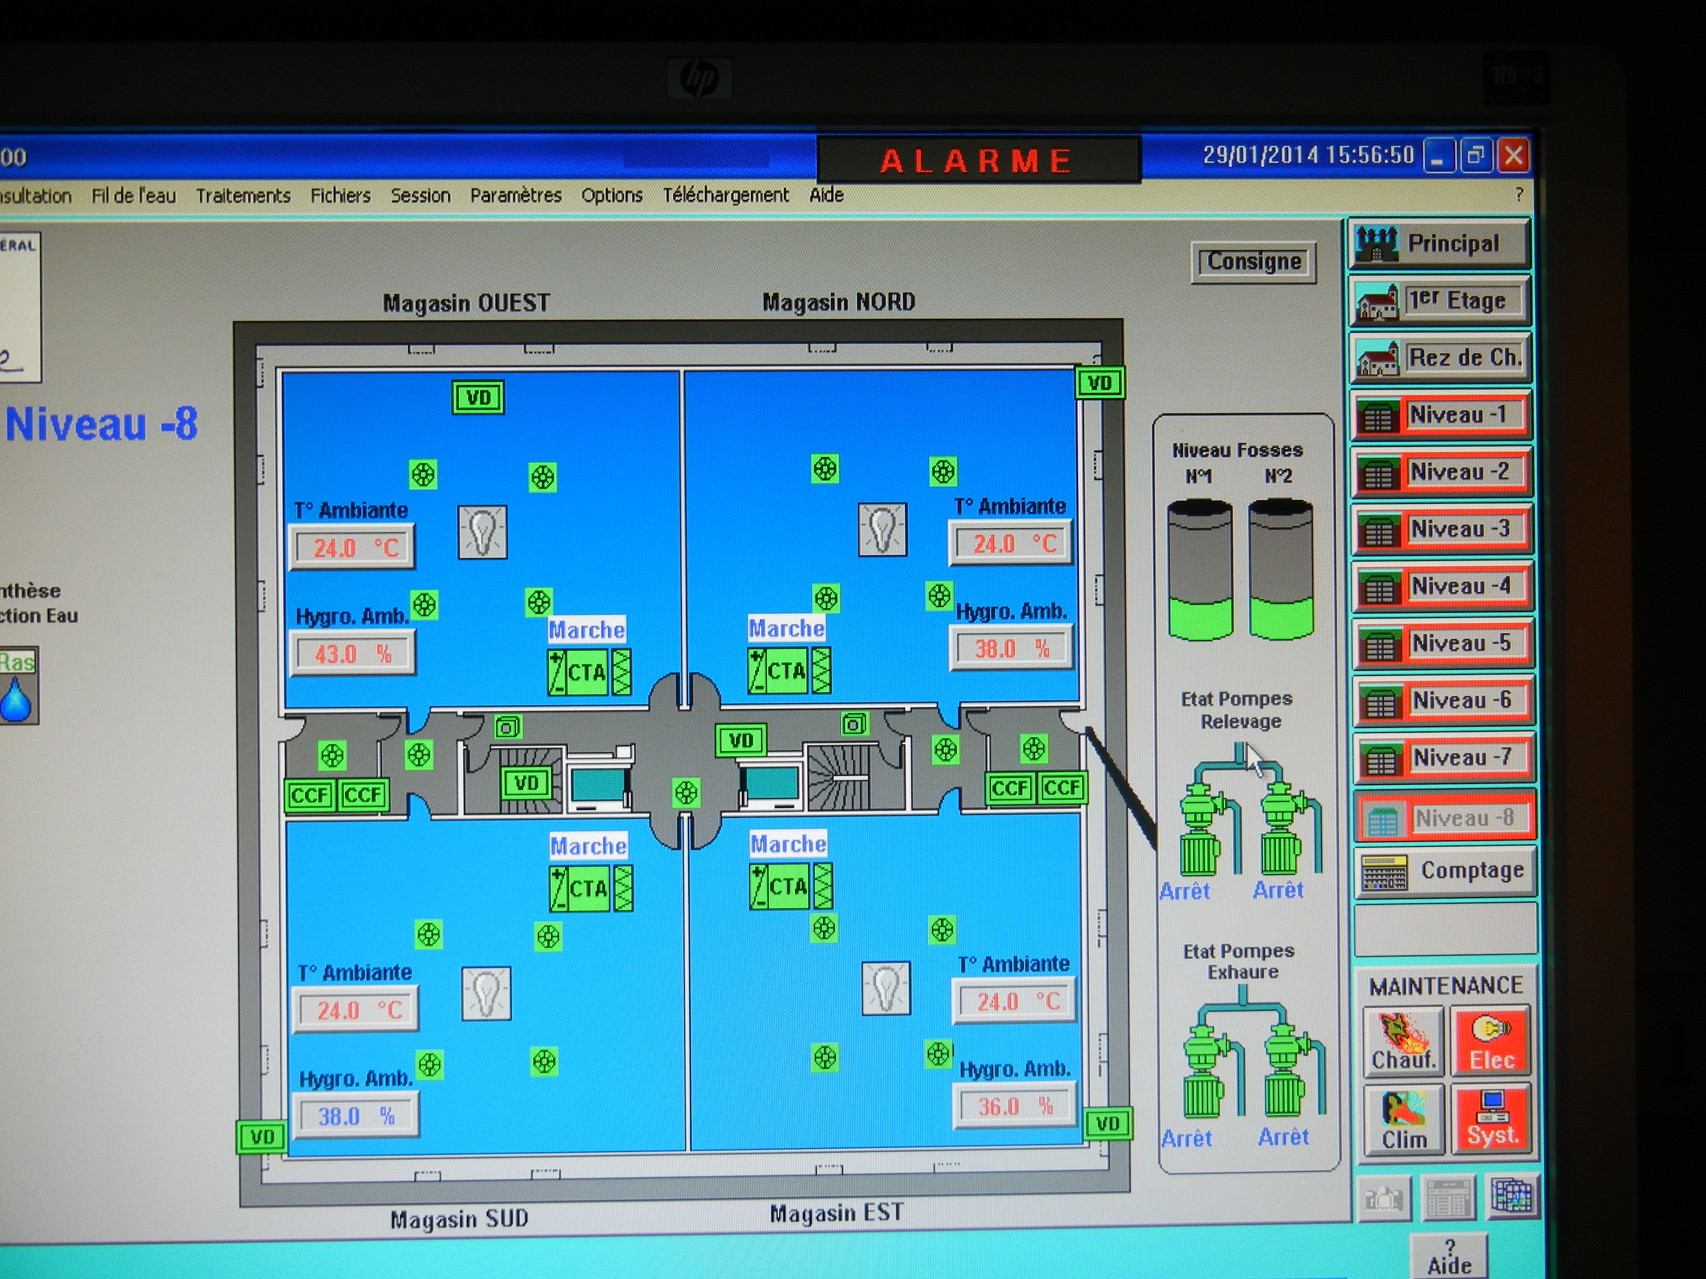 ordinateur de contrôle des archives